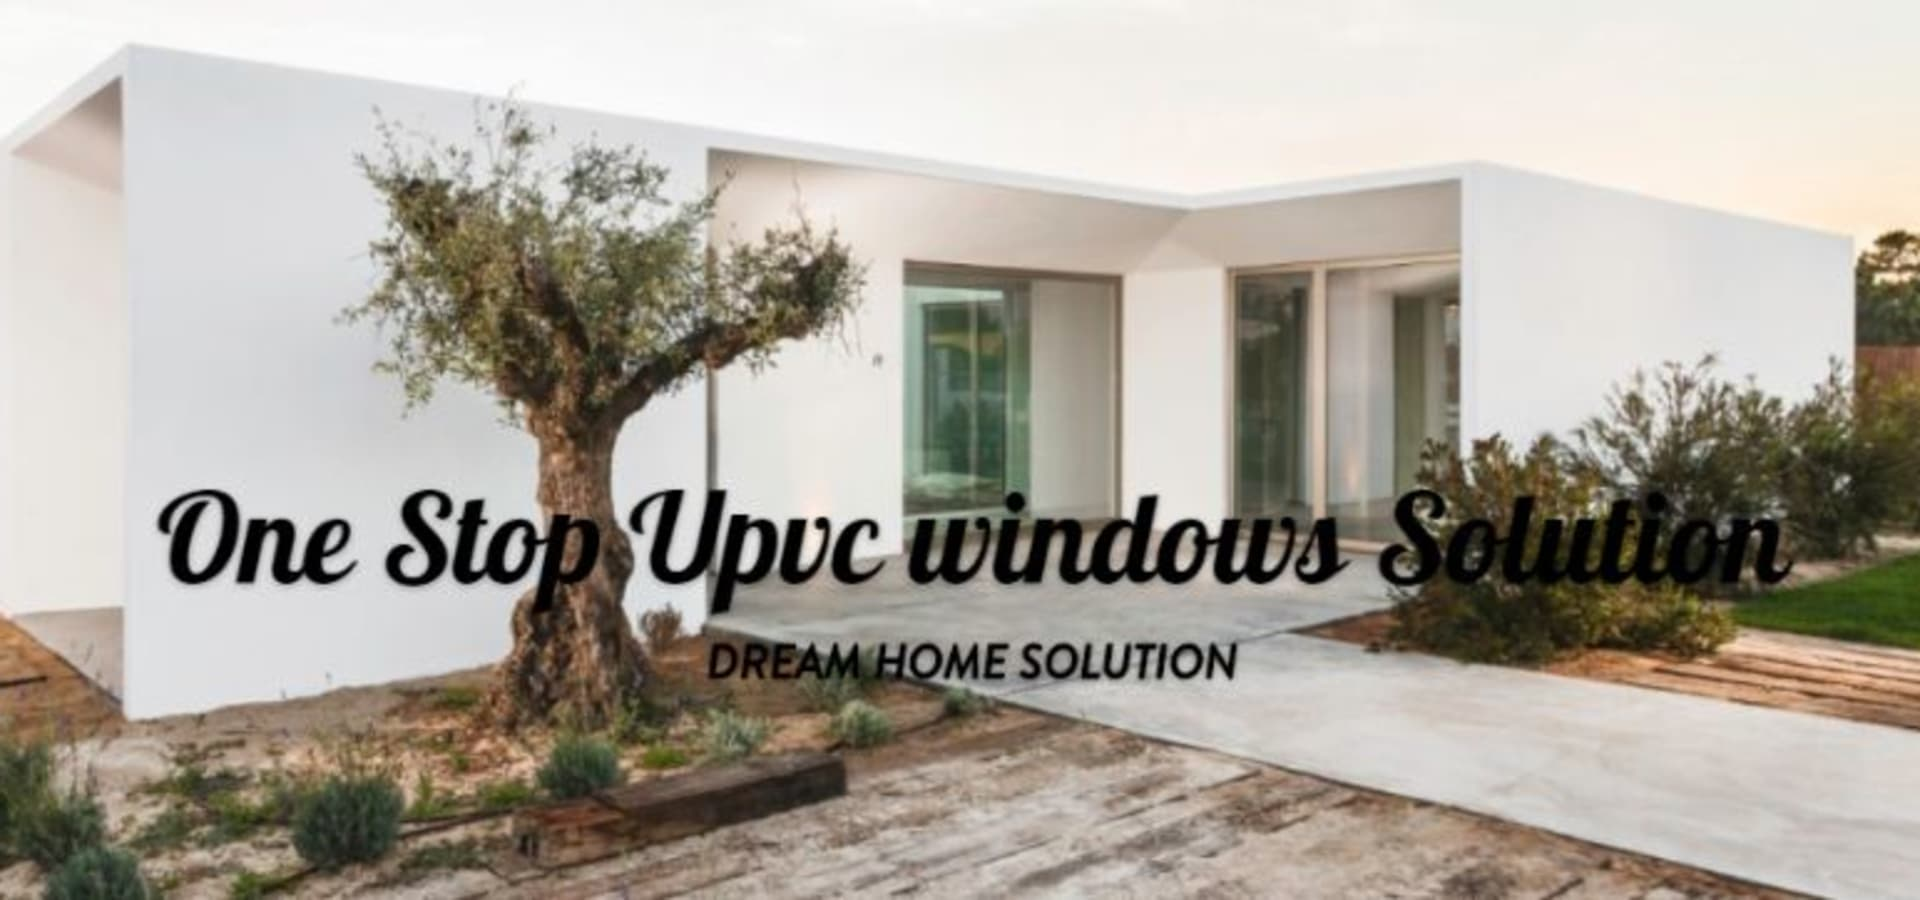 Dream Home Solution